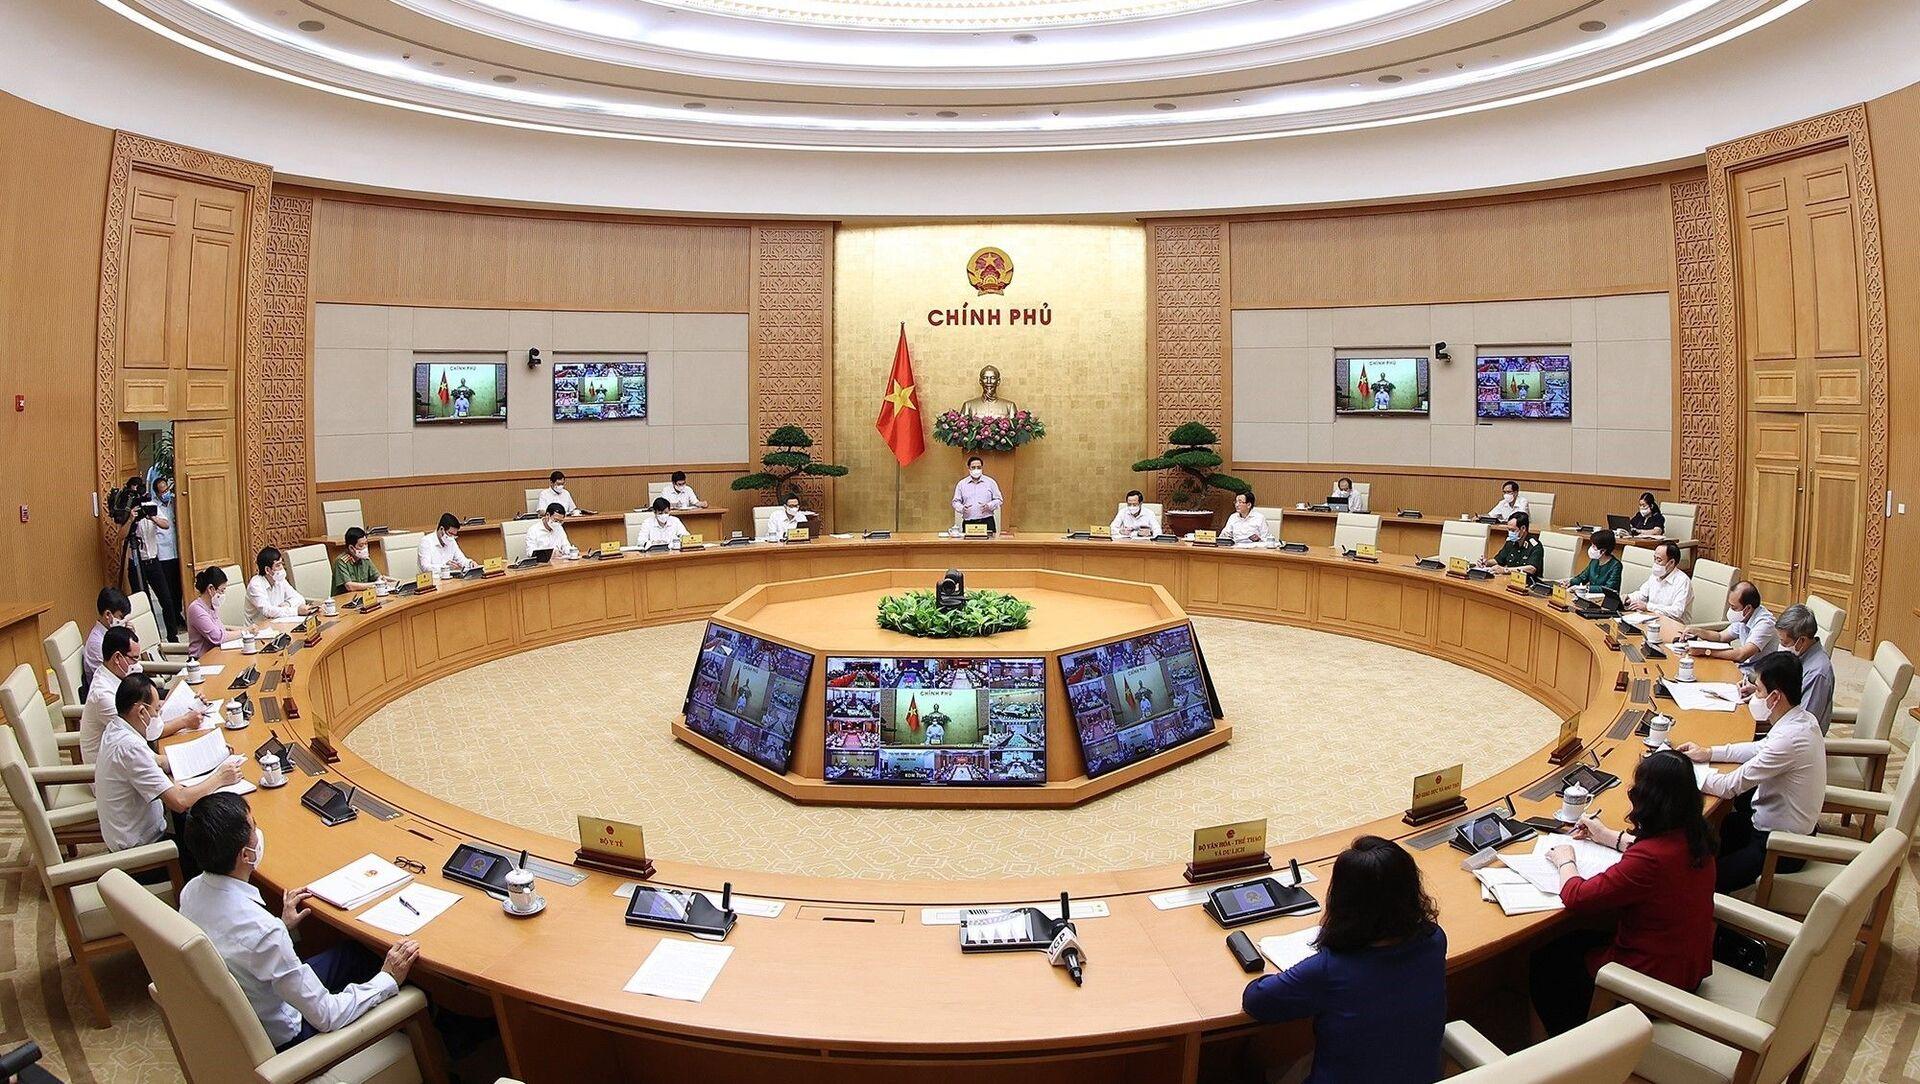 Quang cảnh Hội nghị trực tuyến toàn quốc về phòng, chống dịch COVID-19, tại điểm cầu trụ sở Chính phủ. - Sputnik Việt Nam, 1920, 31.05.2021